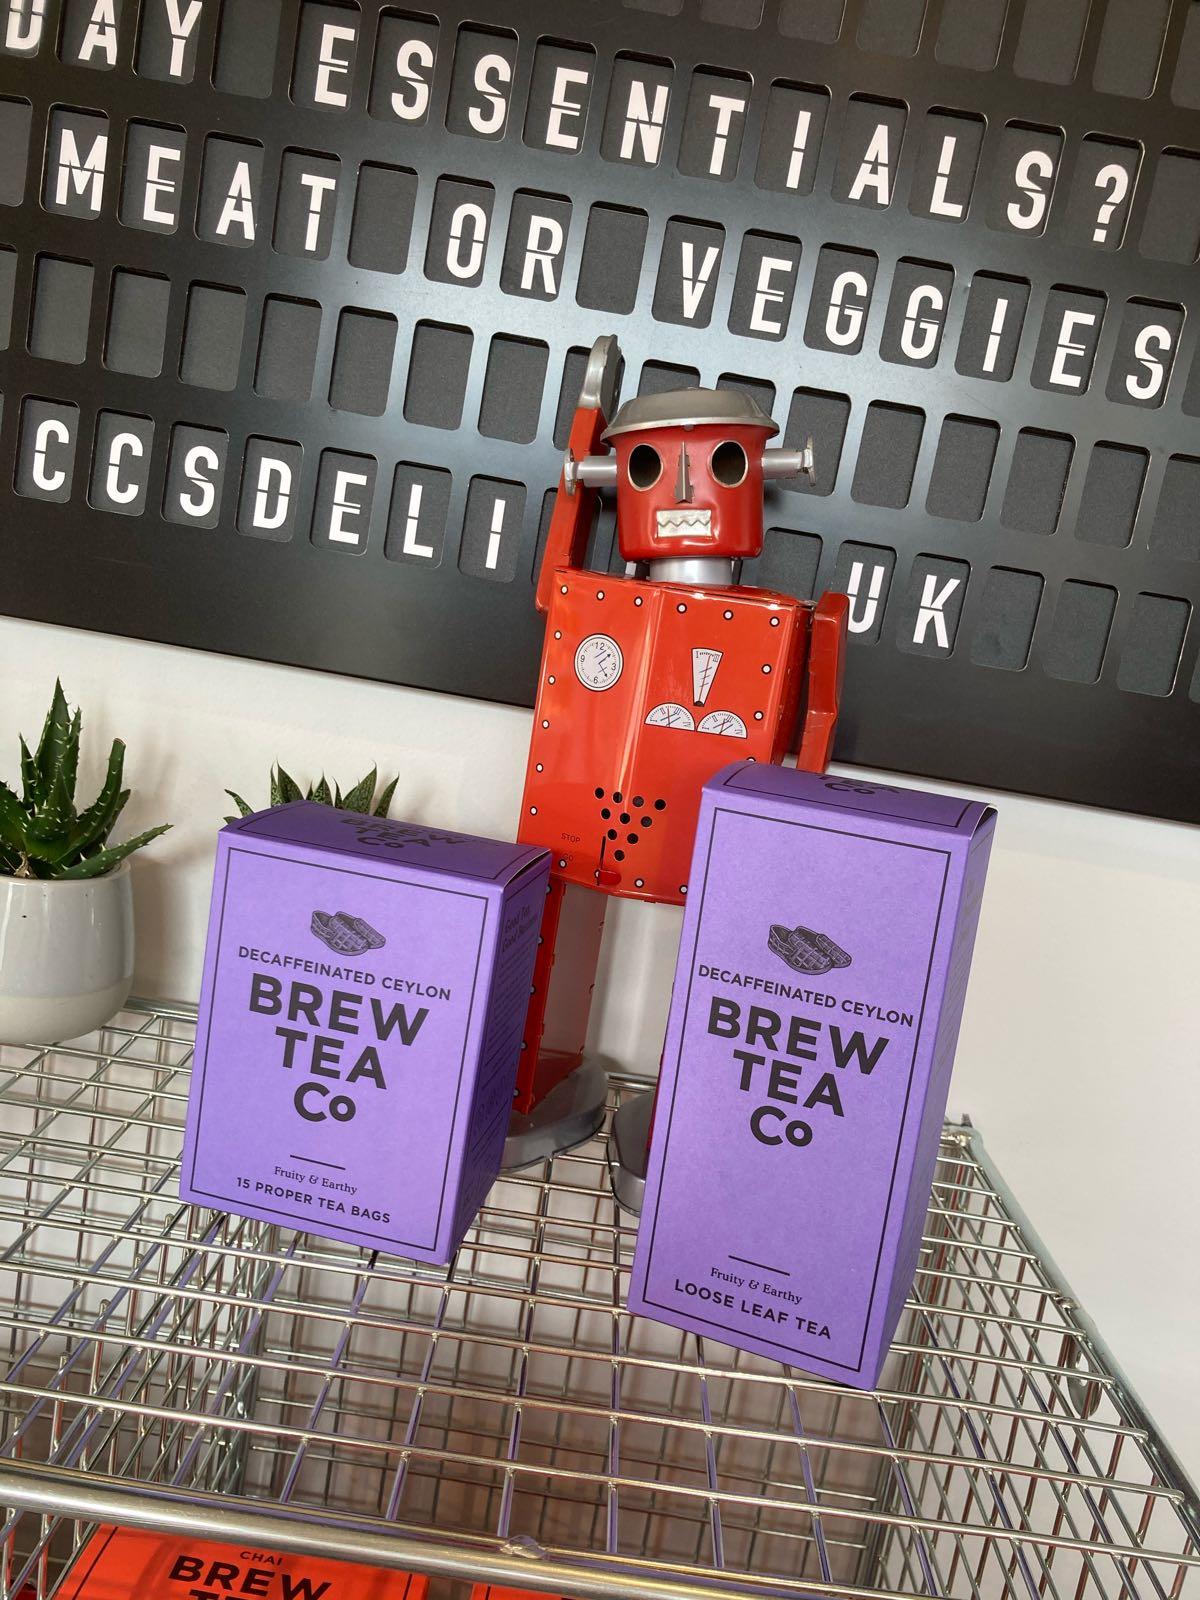 Brew Tea Co Decaffeinated - 1/4lb Loose Leaf